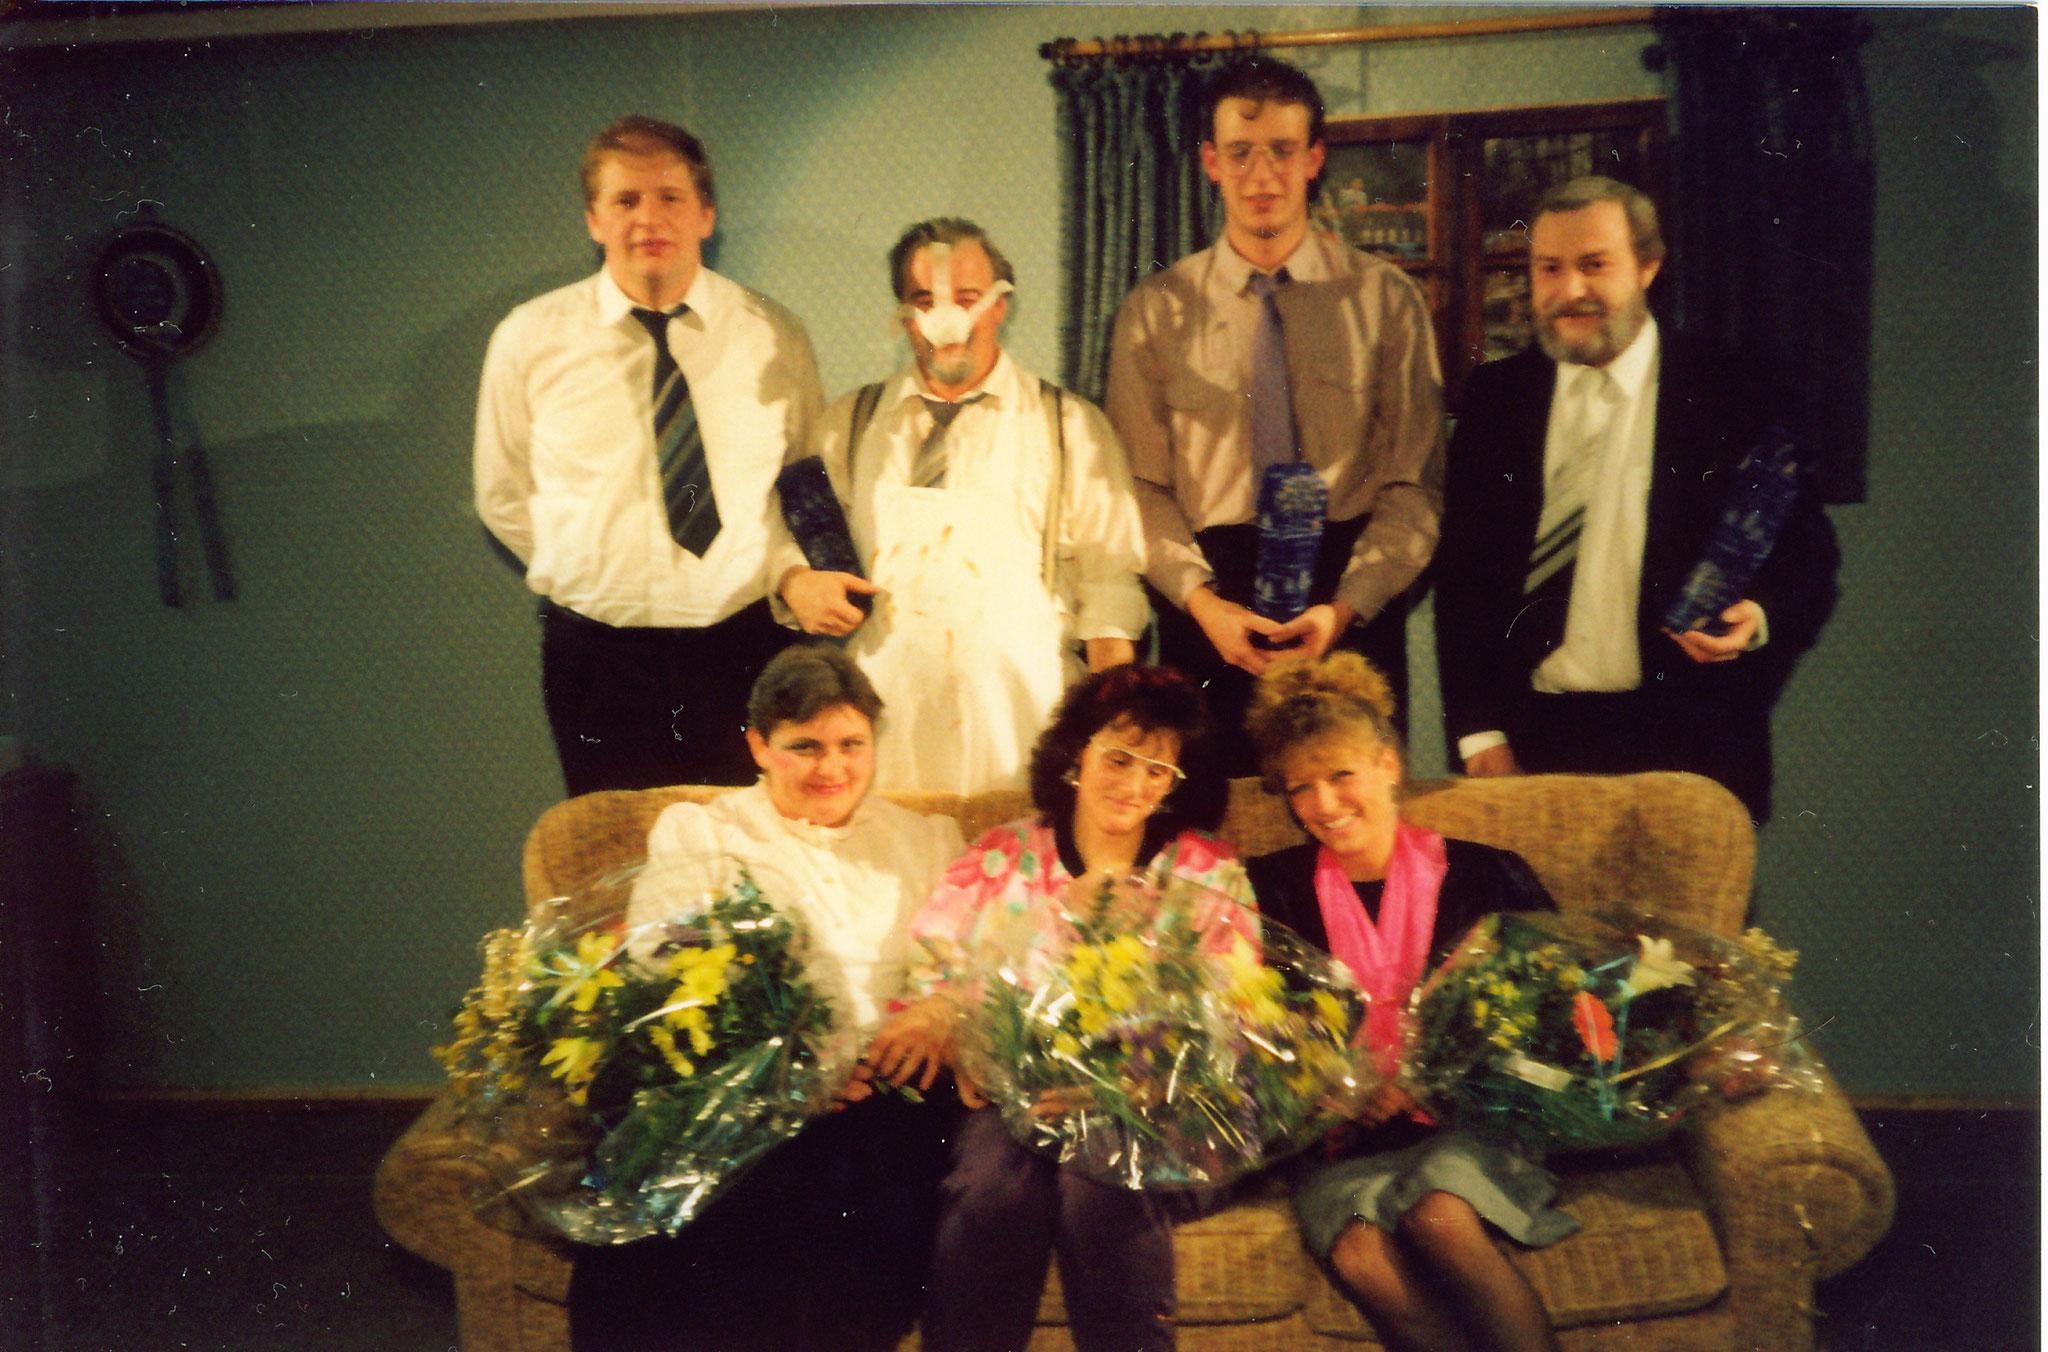 Theatergruppe des Verein in den 90 Jahren bei Spielen auf der Weihnachtsfeier des Vereins